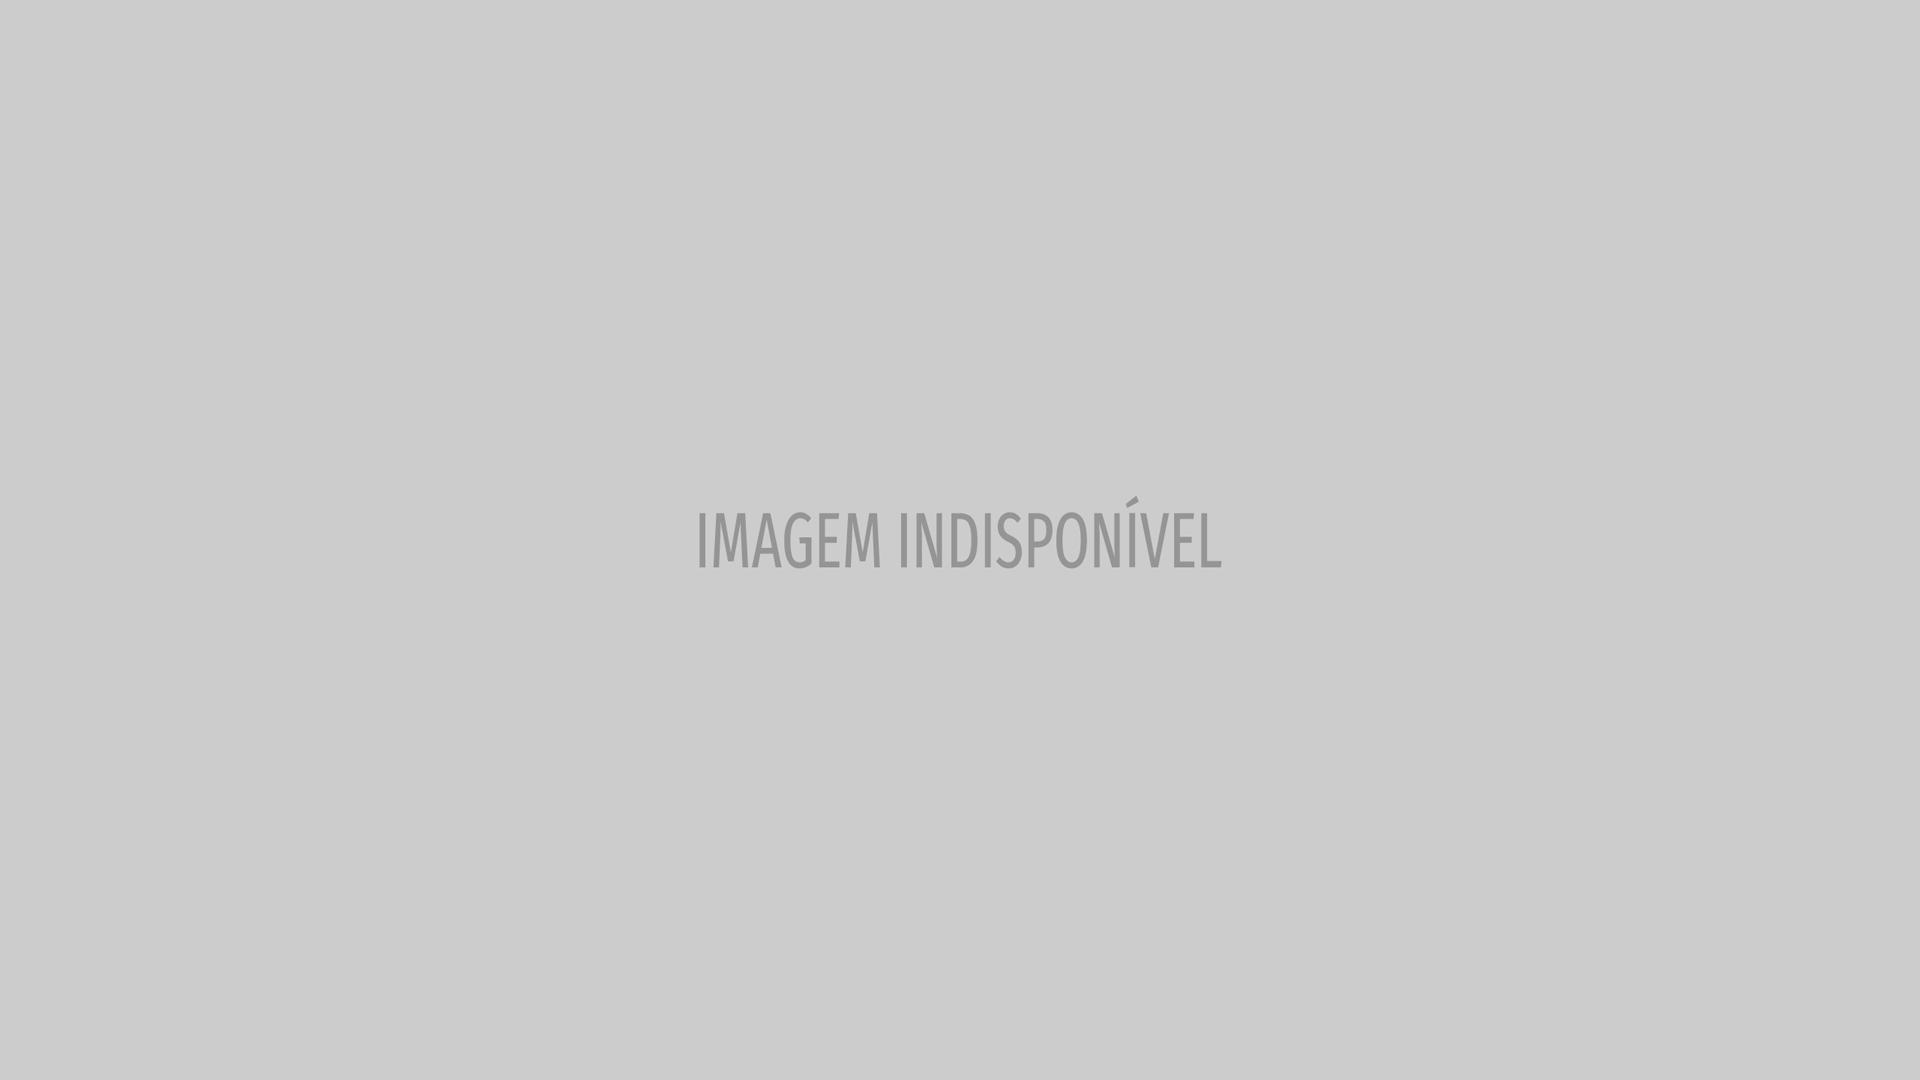 """Após pedir ajuda para salvar gato, Blaya explica: """"Têm de abrir o gatxo"""""""